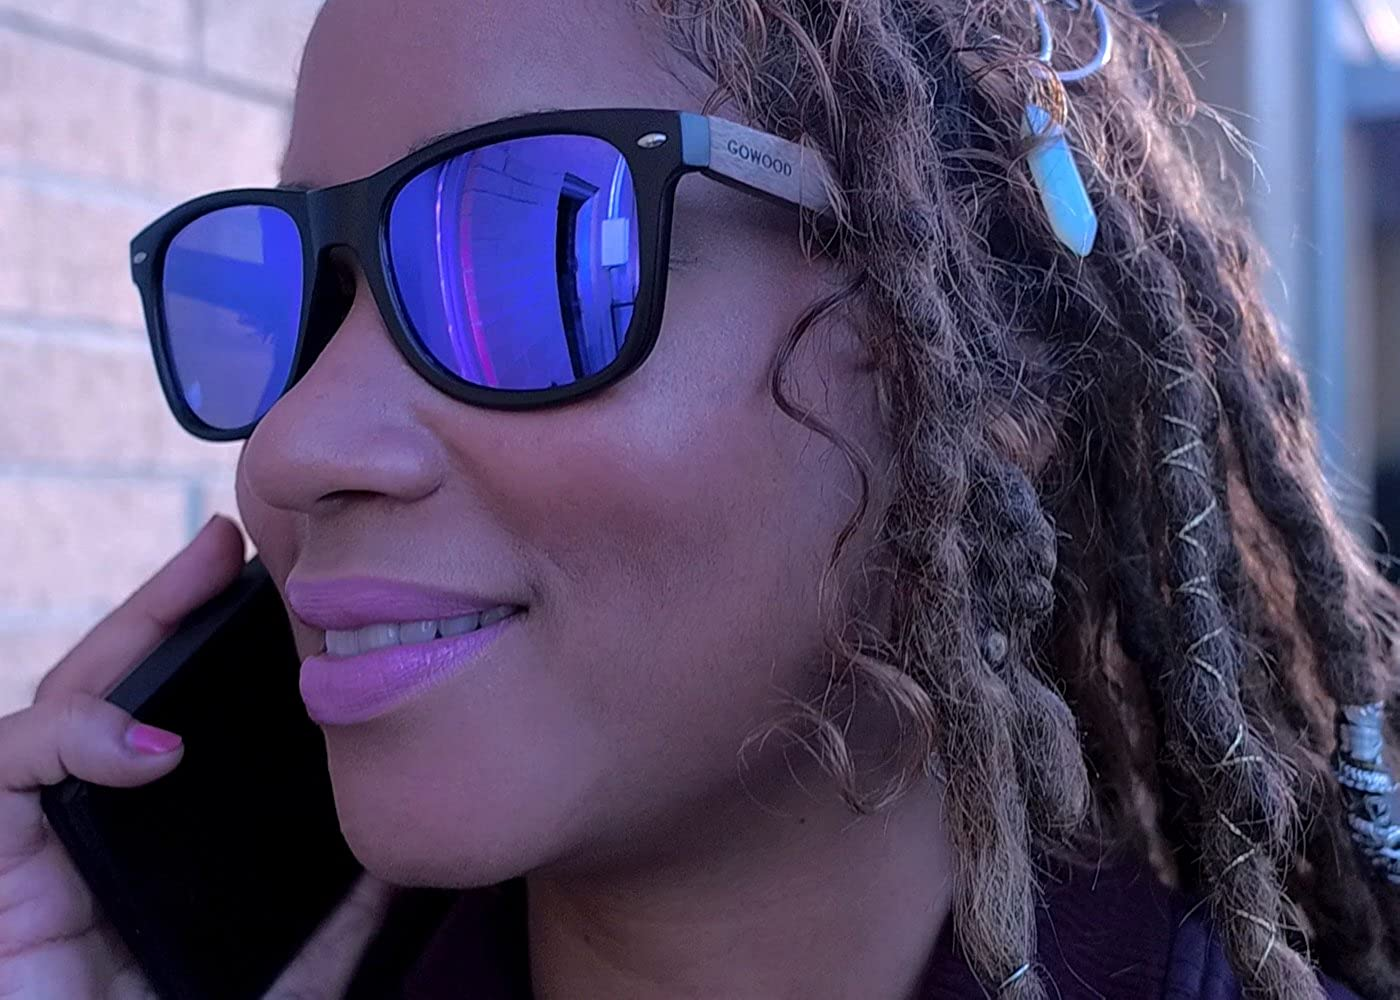 GOWOOD Gafas de sol de madera de nogal para hombre y mujer con frontal negro mate y lentes polarizadas